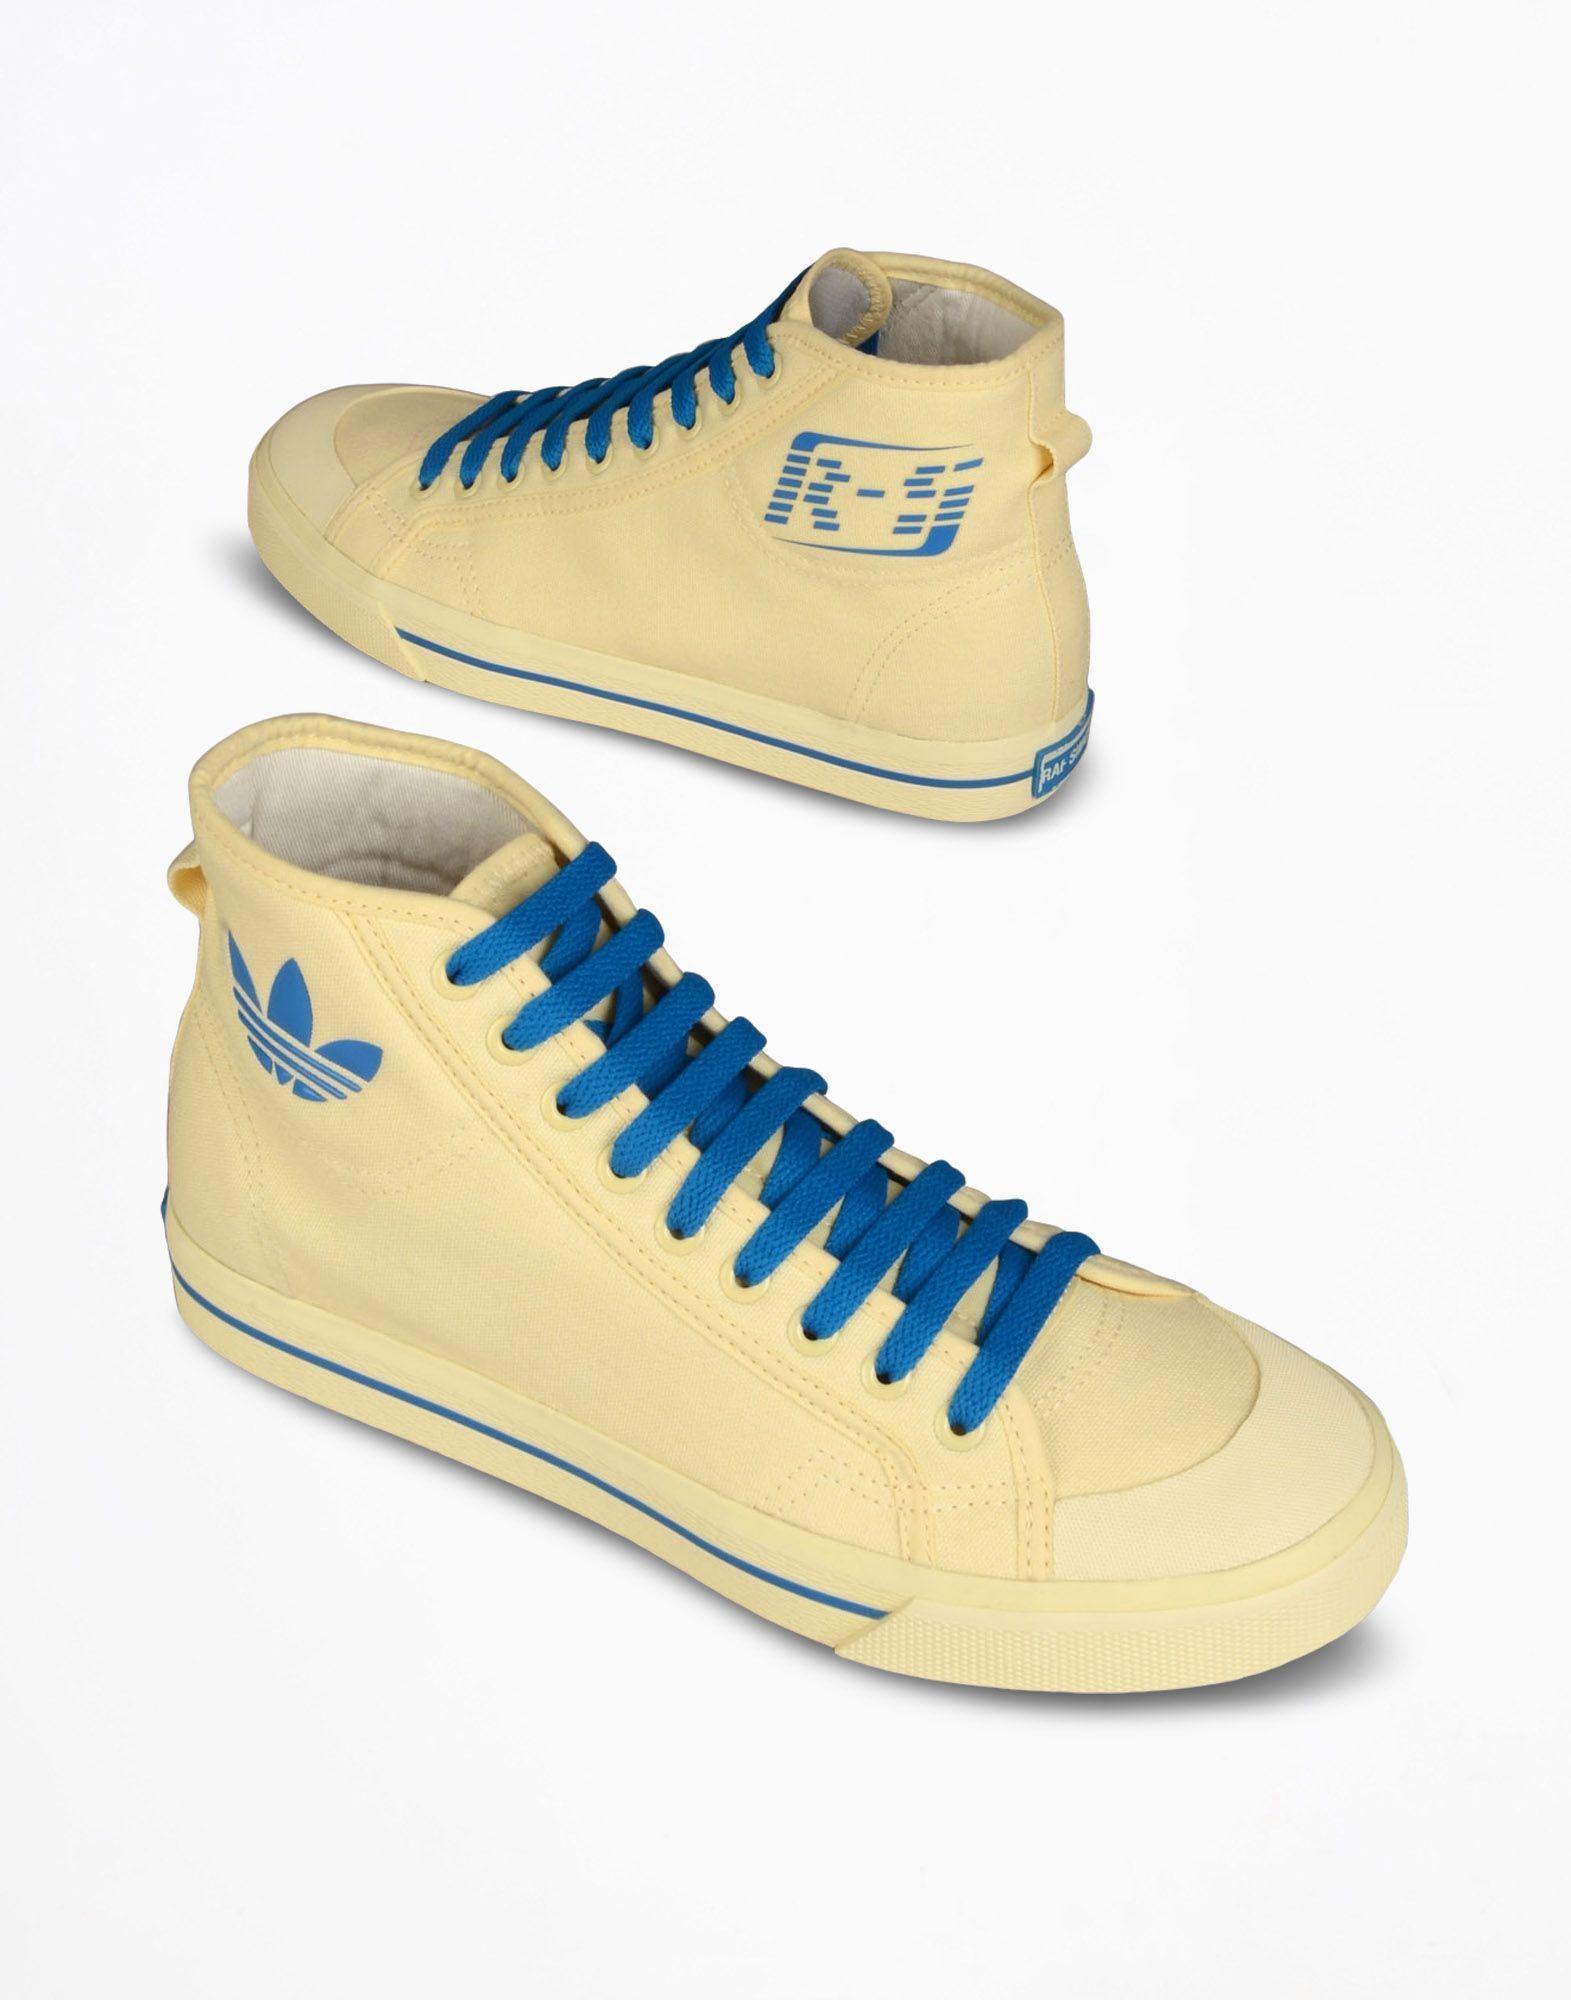 best loved 9a403 ddde9 RAF SIMONS MATRIX SPIRIT HIGH SHOES unisex Y-3 adidas